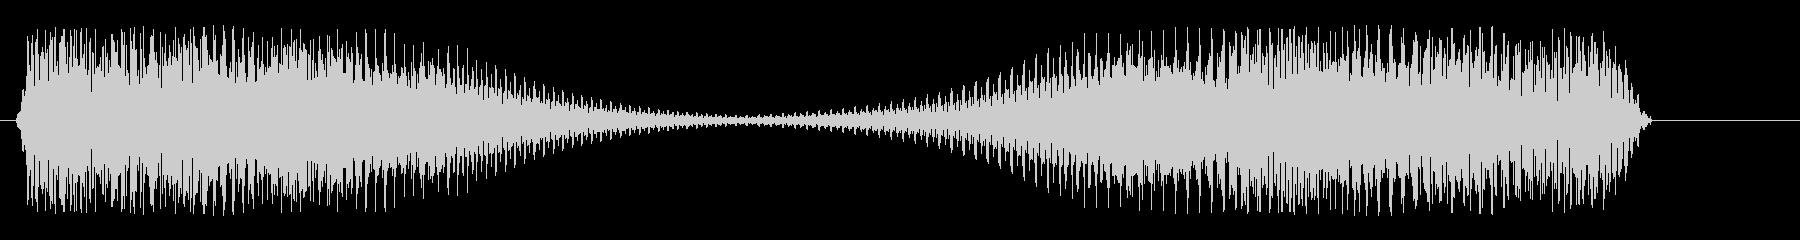 強く響くロボットの音の未再生の波形